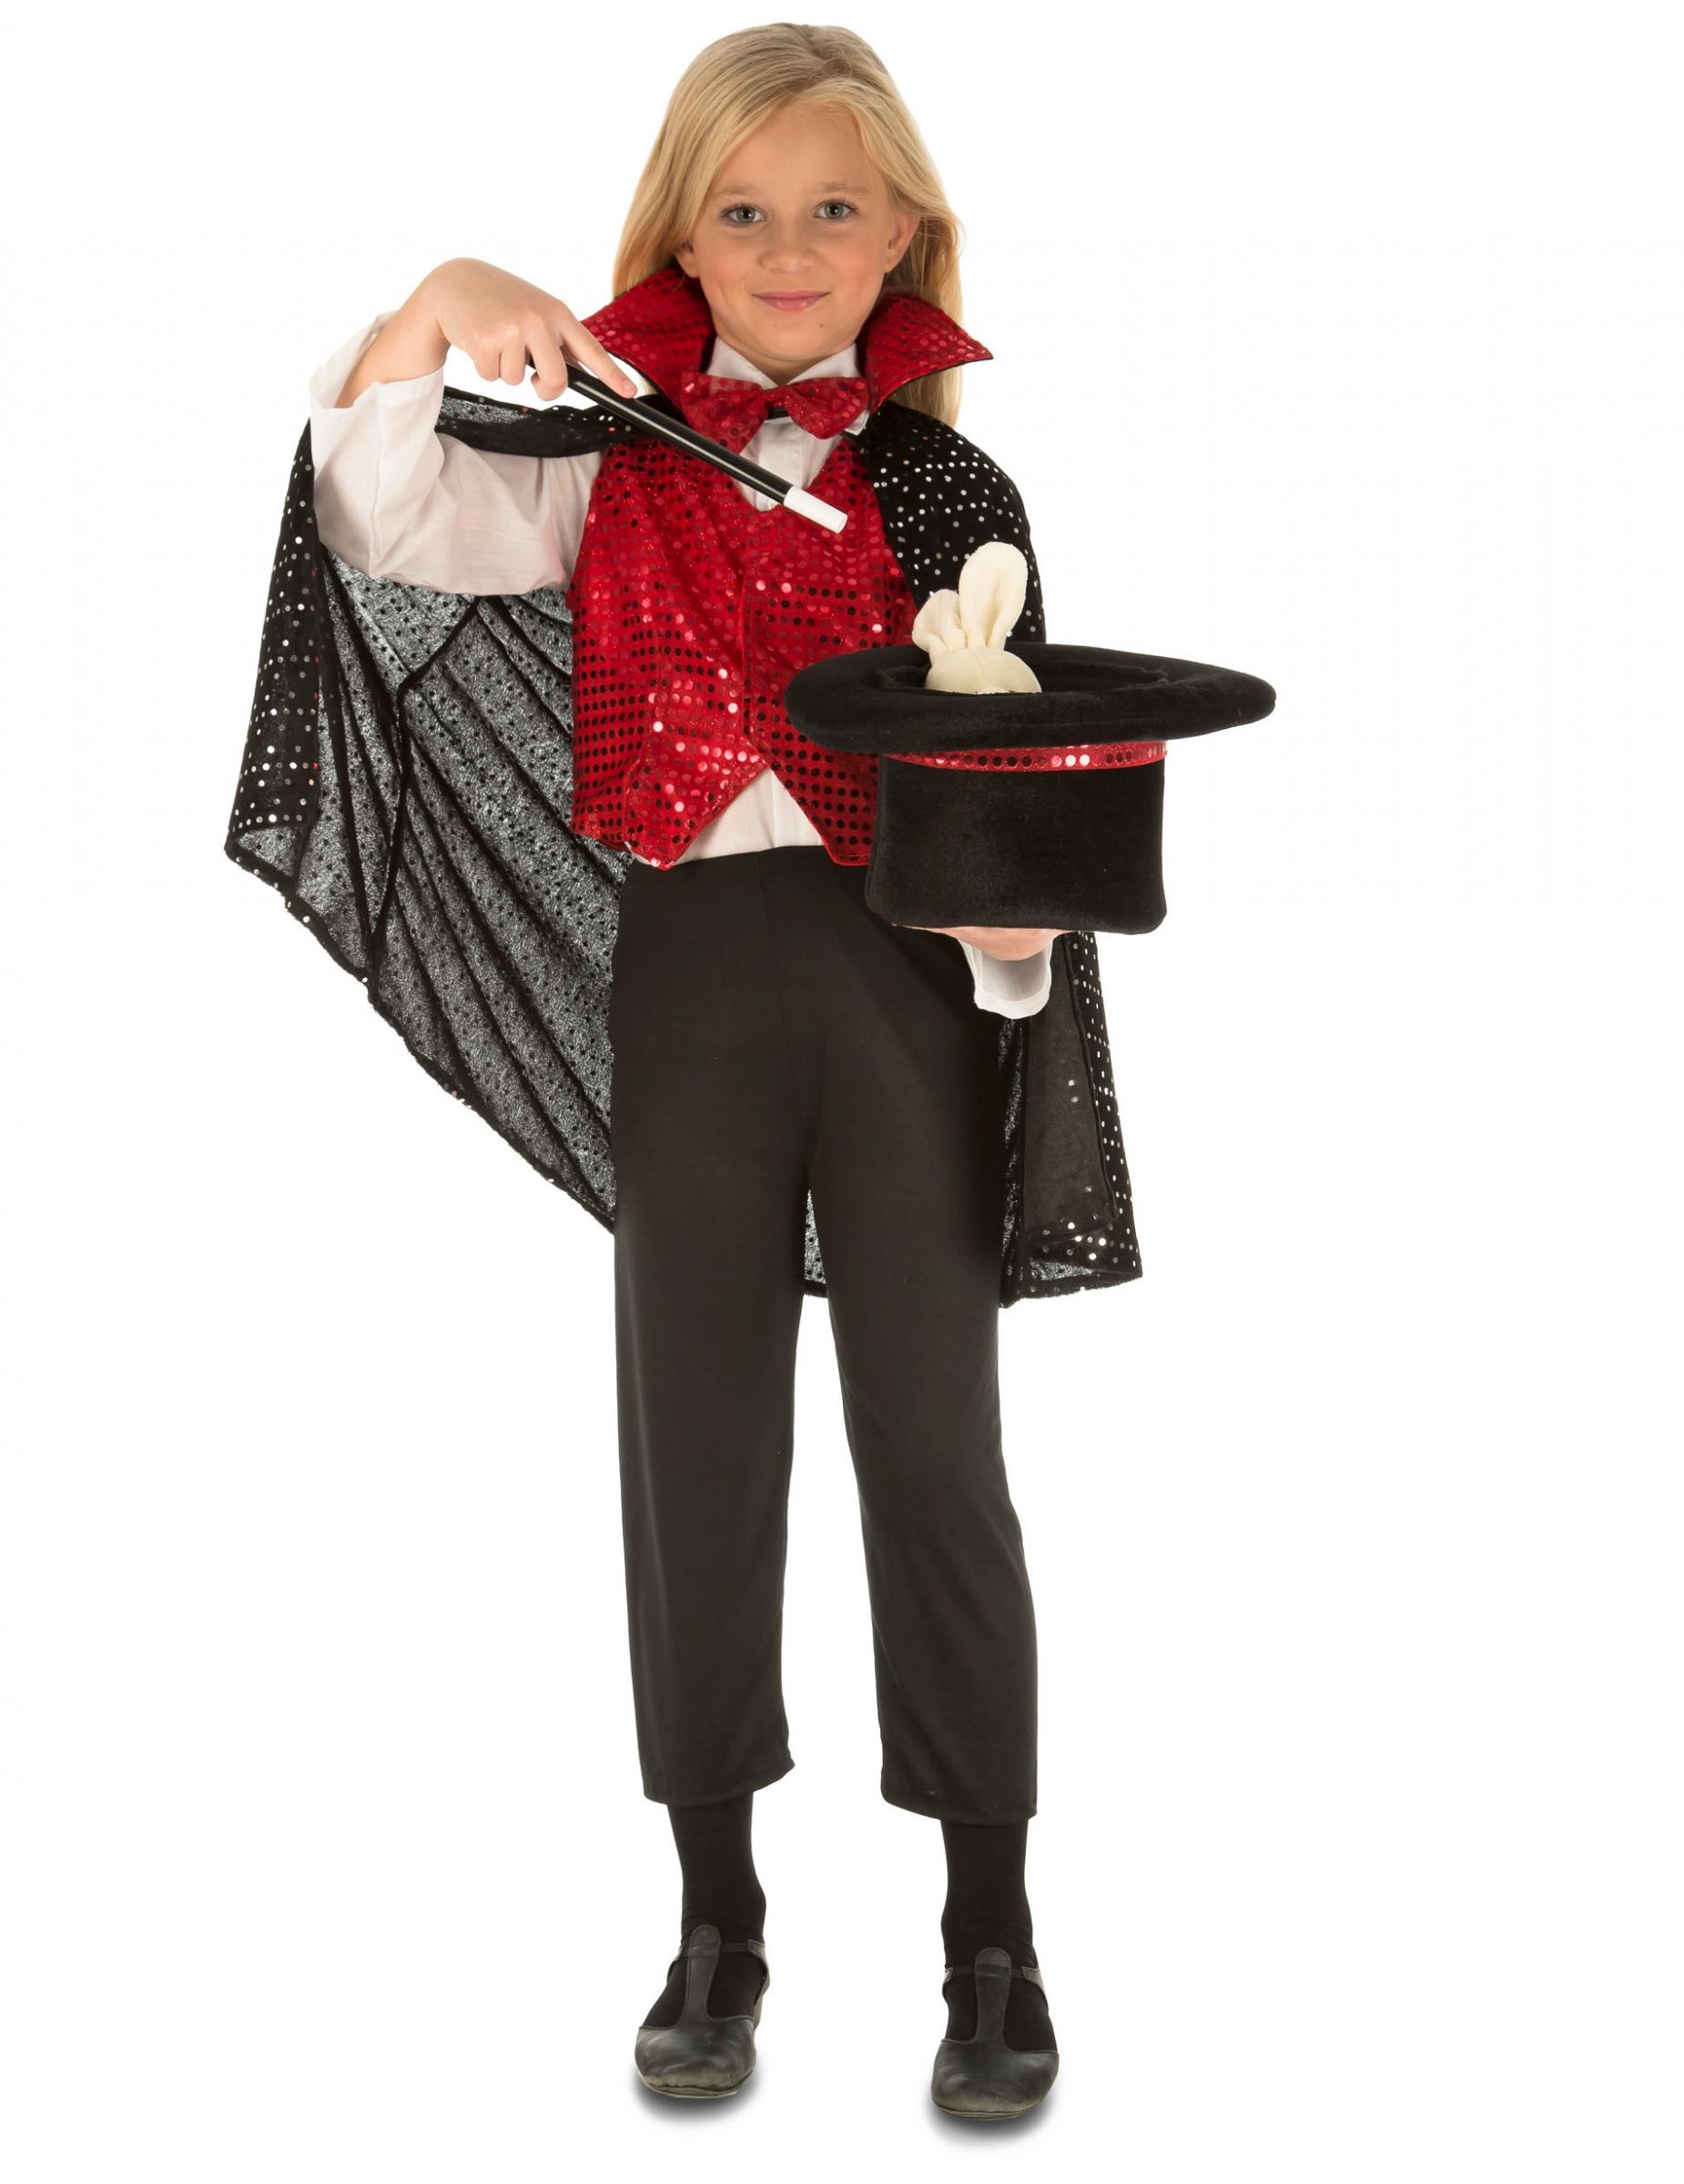 Costume da apprendista mago con accessori bambino  Costumi bambini 550dab94c44b